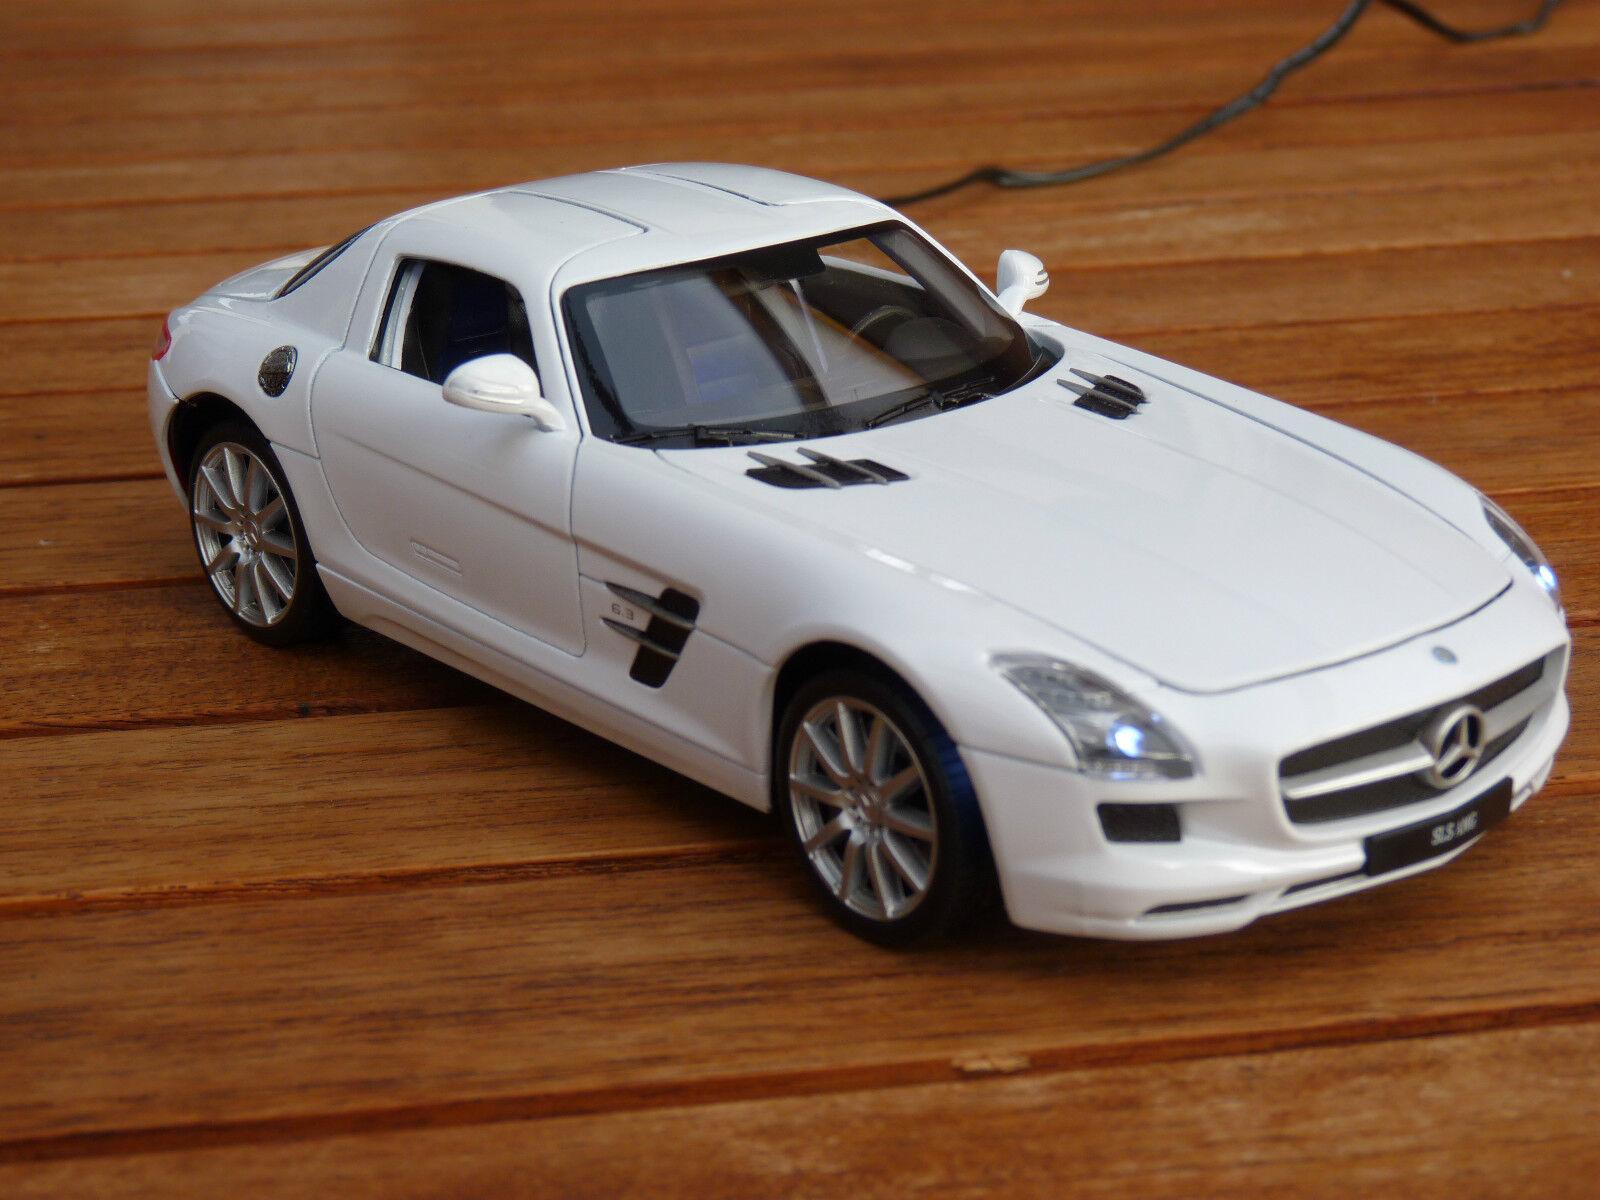 Mercedes-Benz SLS con Xenon Xenon Xenon (iluminación LED) en Welly 1 24 incl. deseo matrícula 2ef043